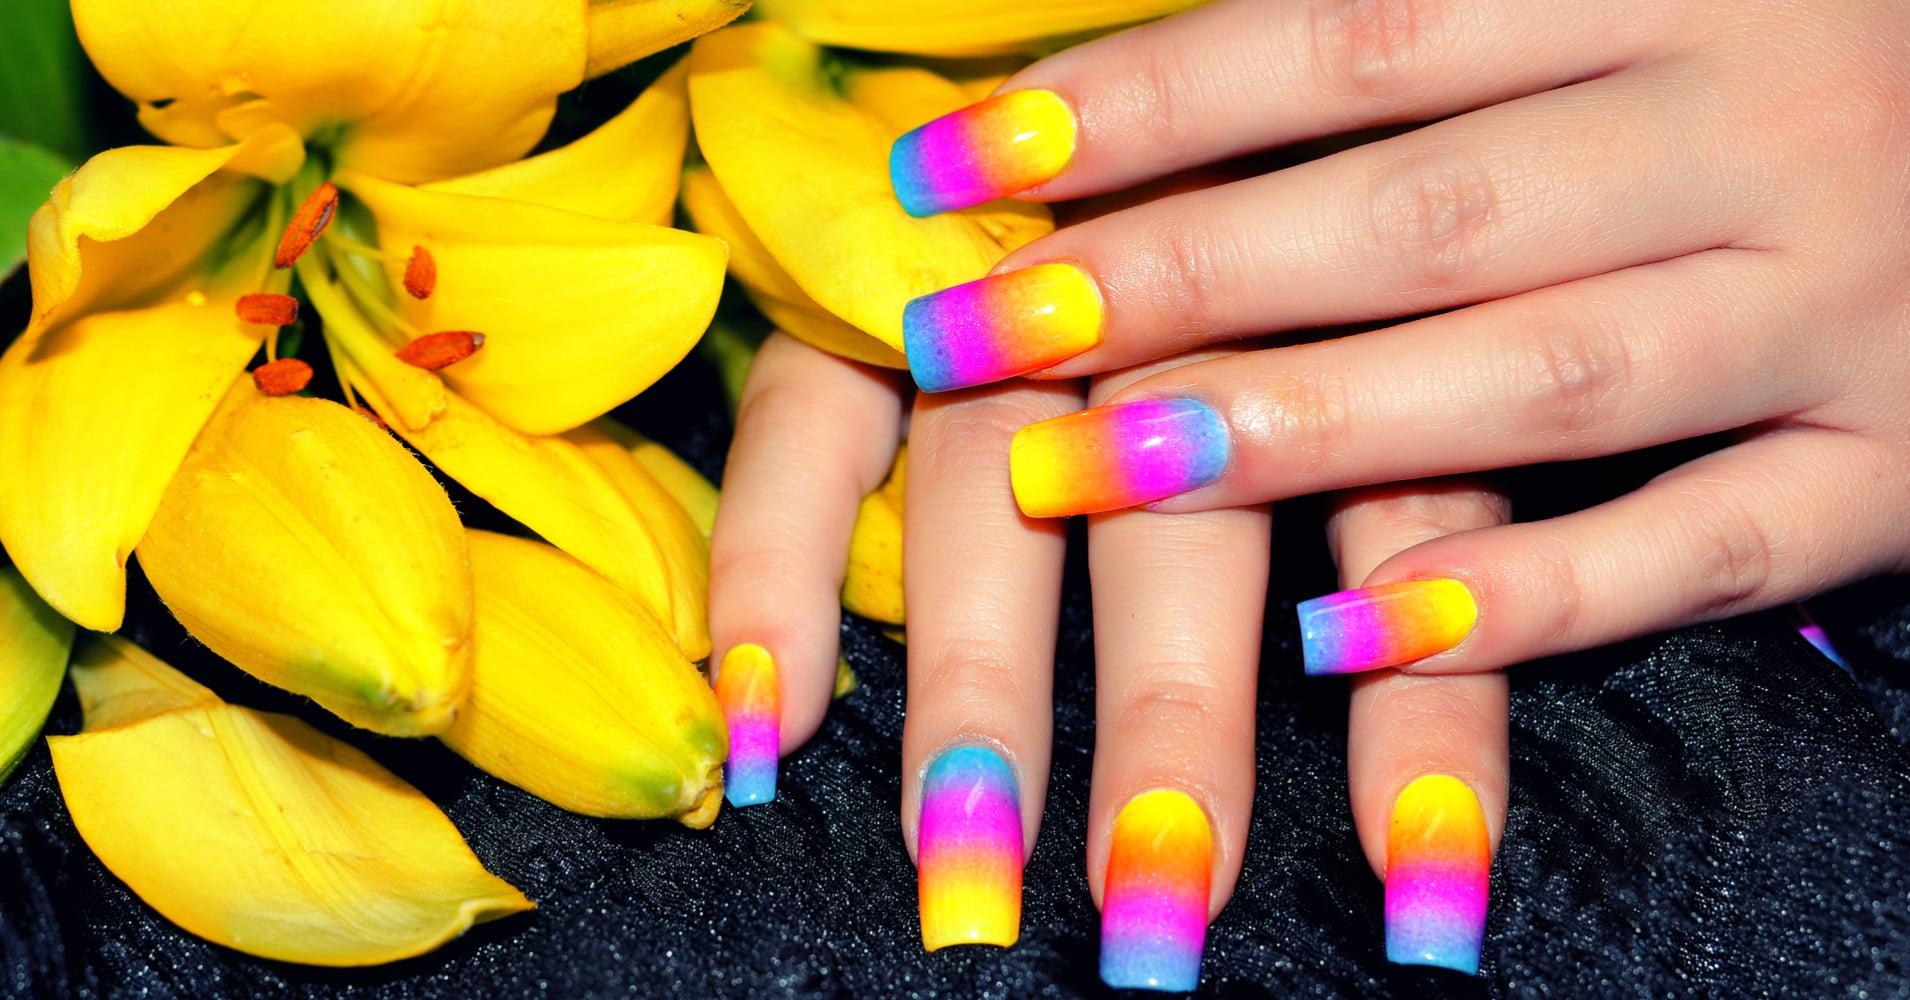 How Should I Get My Nails Done? - Quiz - Quizony.com